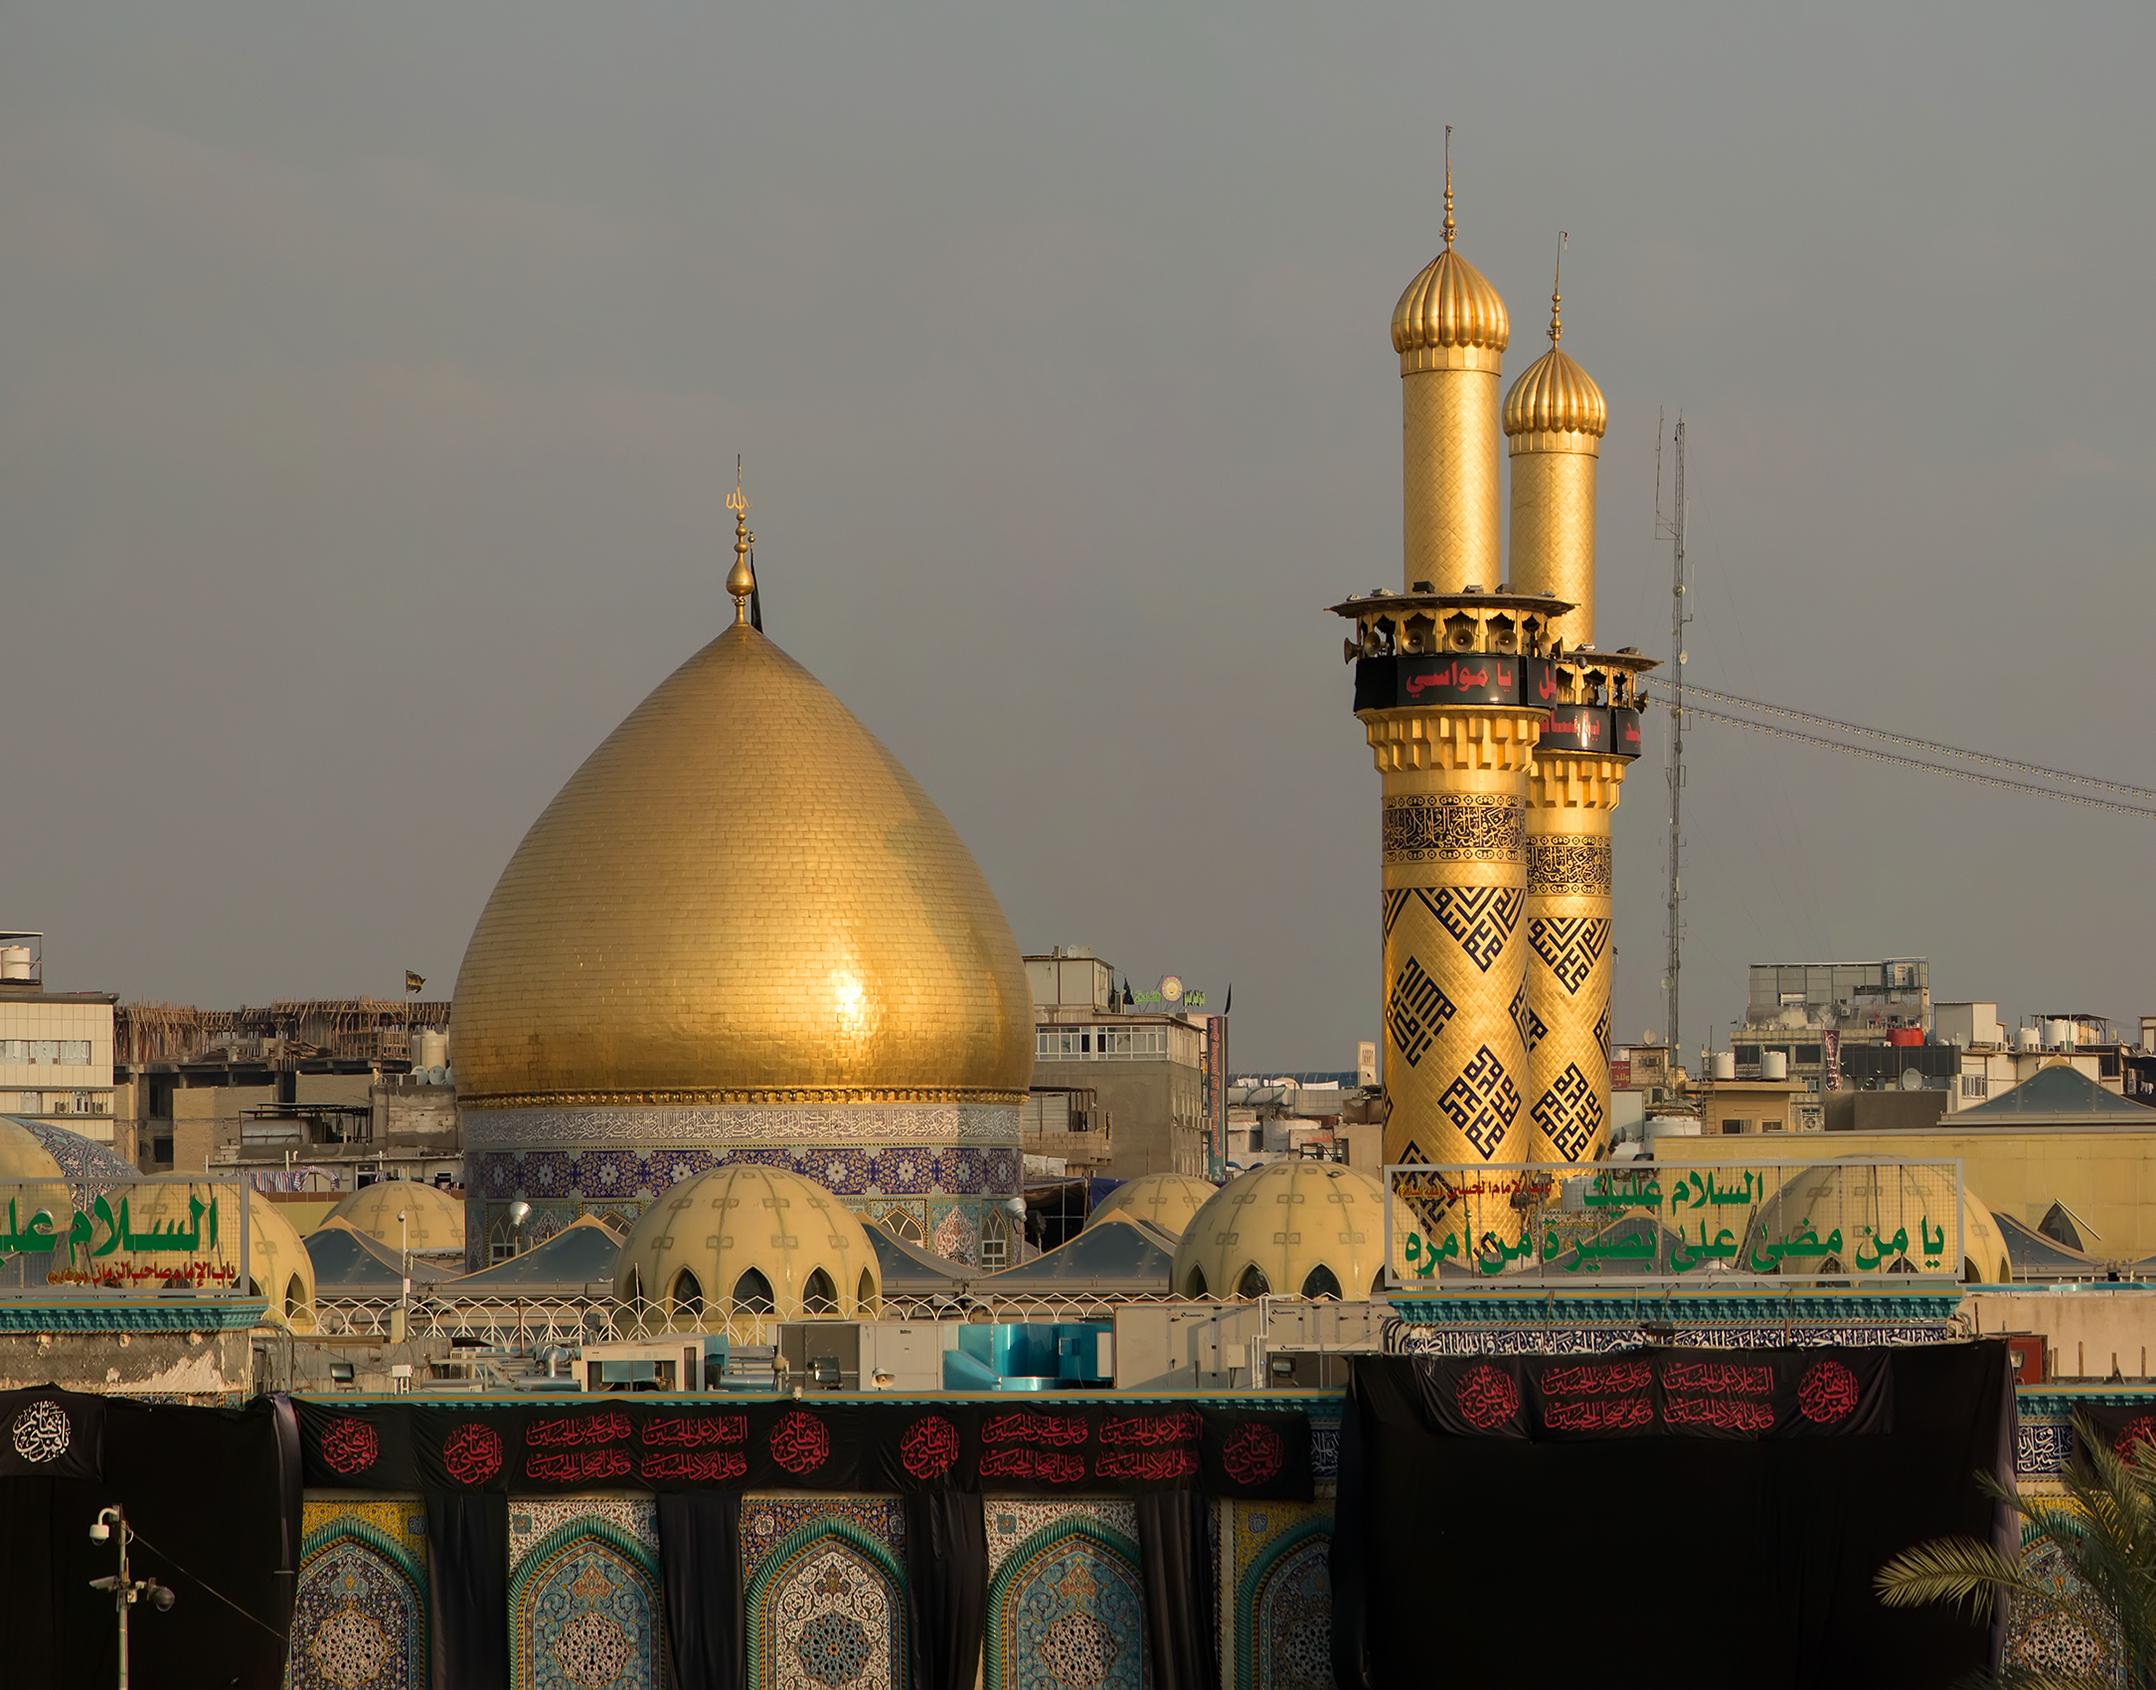 مکان های زیارتی کربلا - مرقد امام حسین